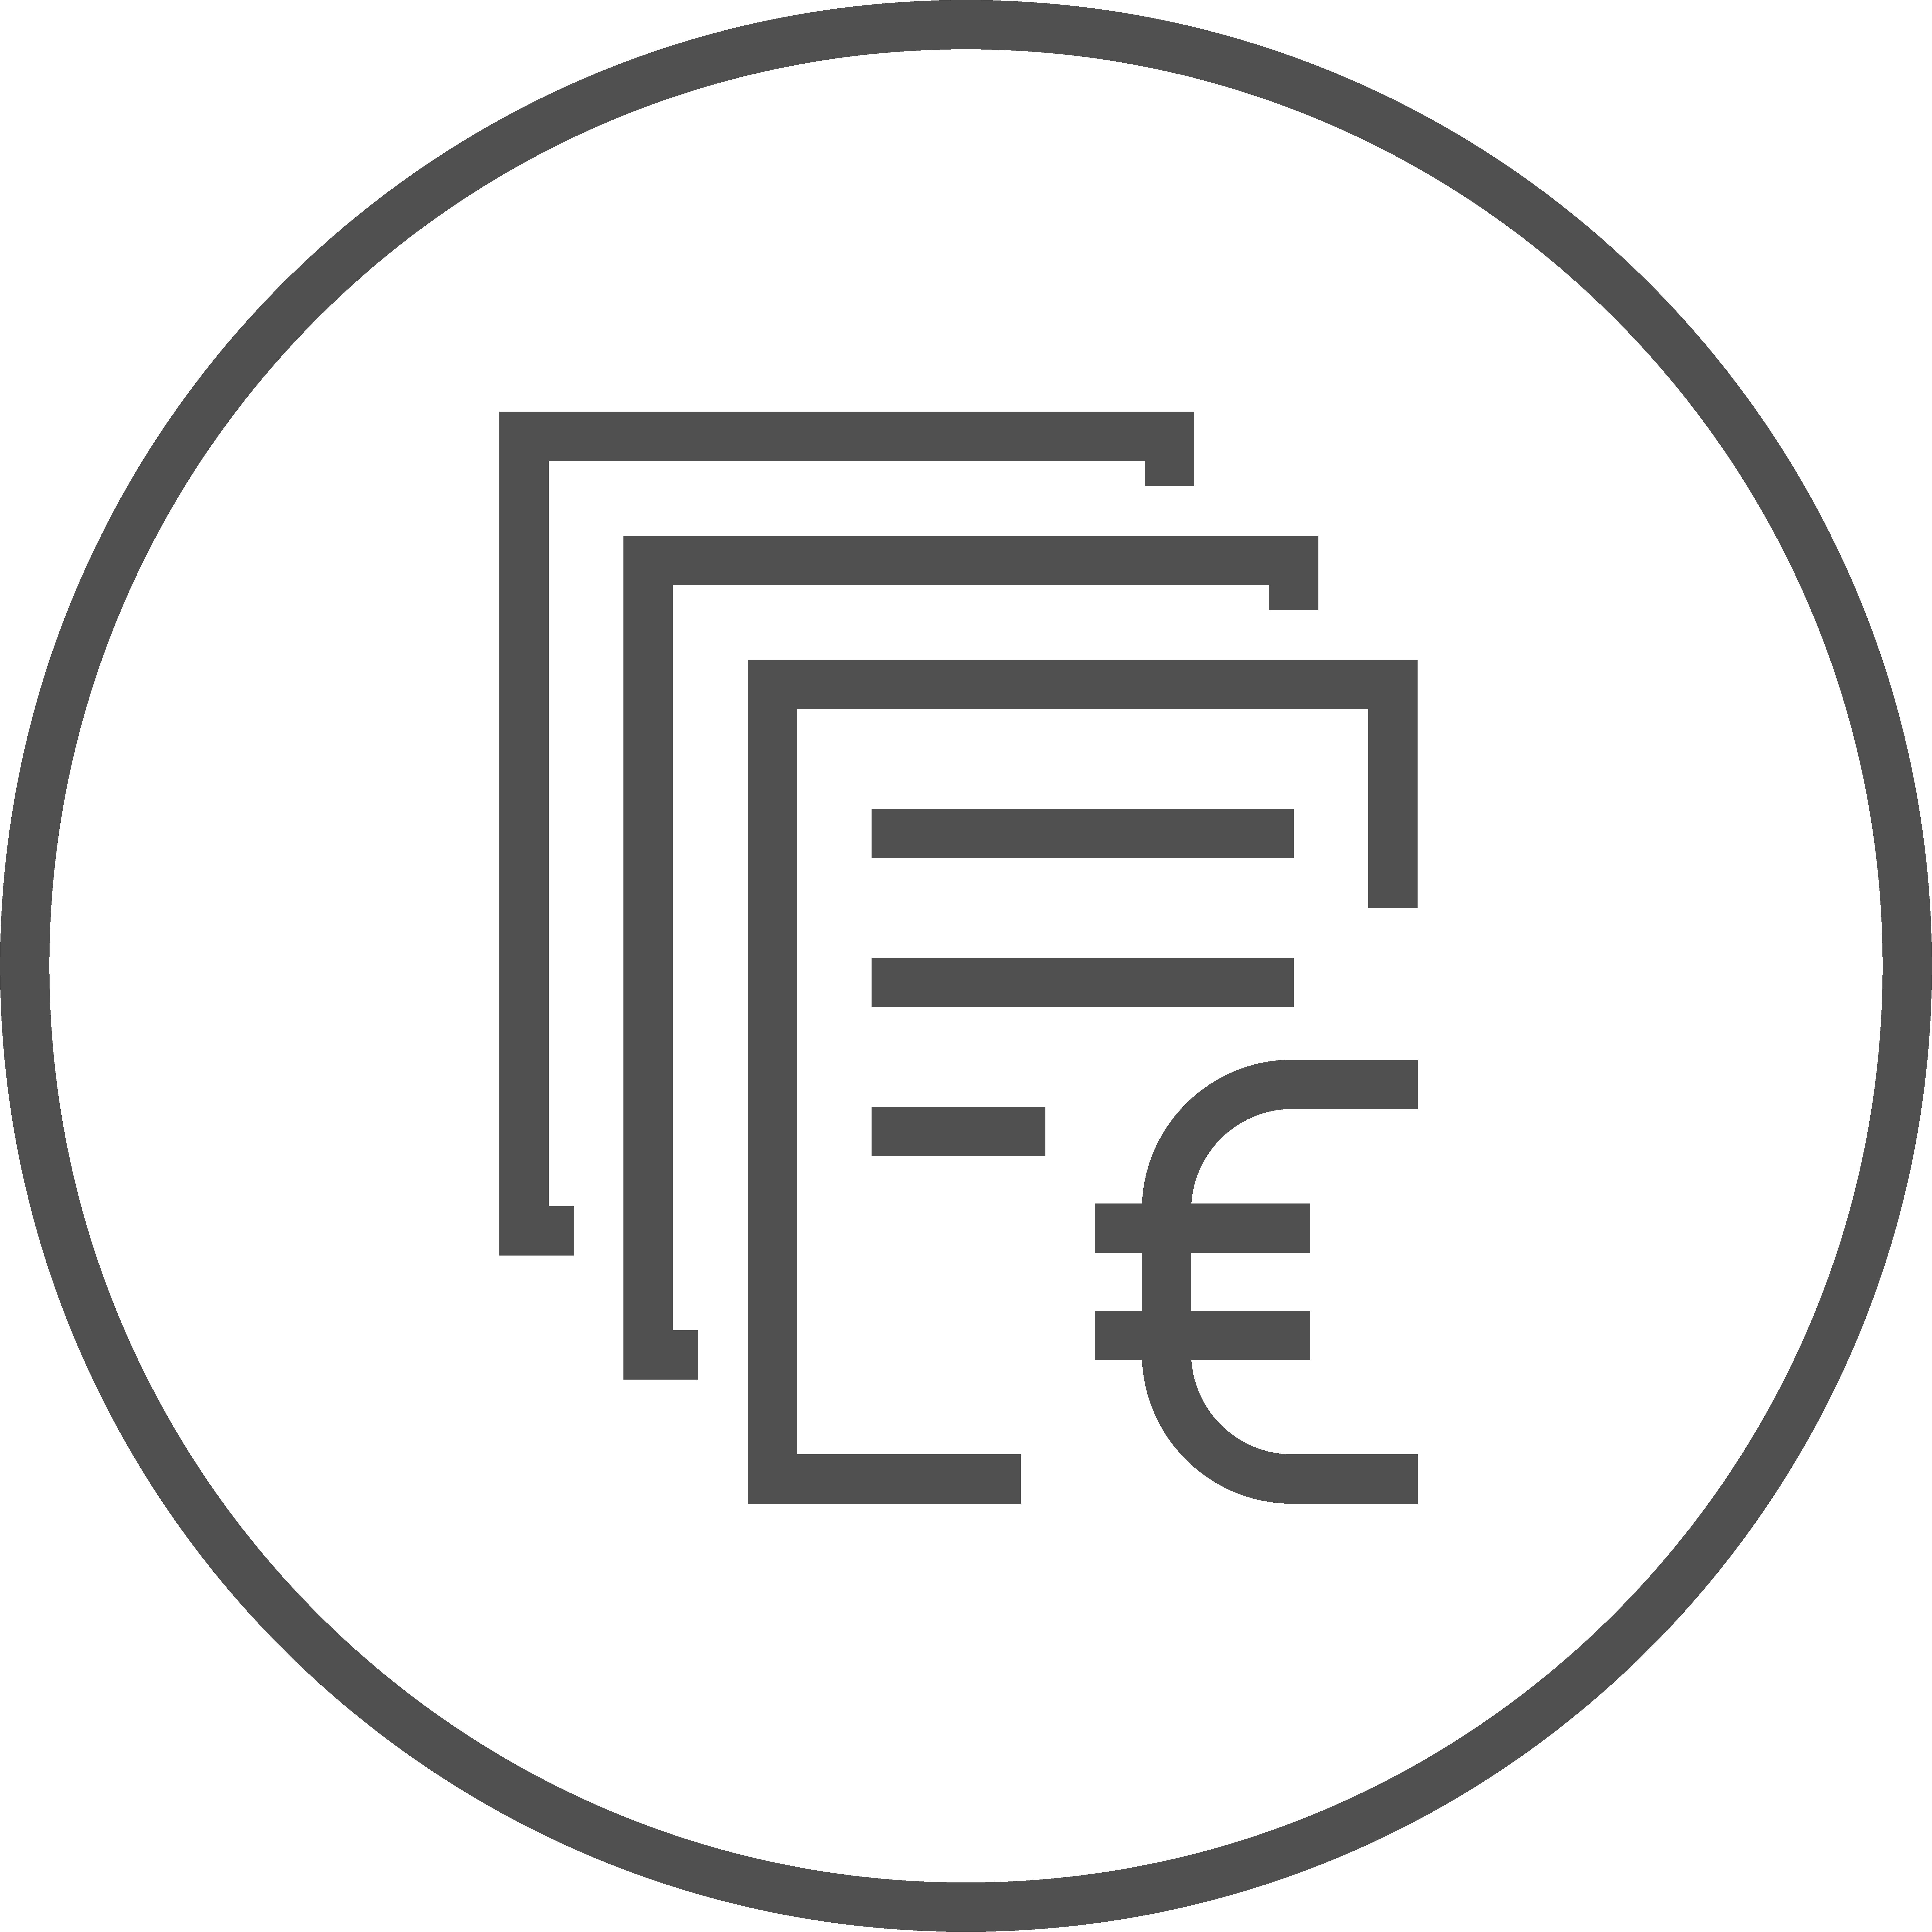 Umbaukosten Icon